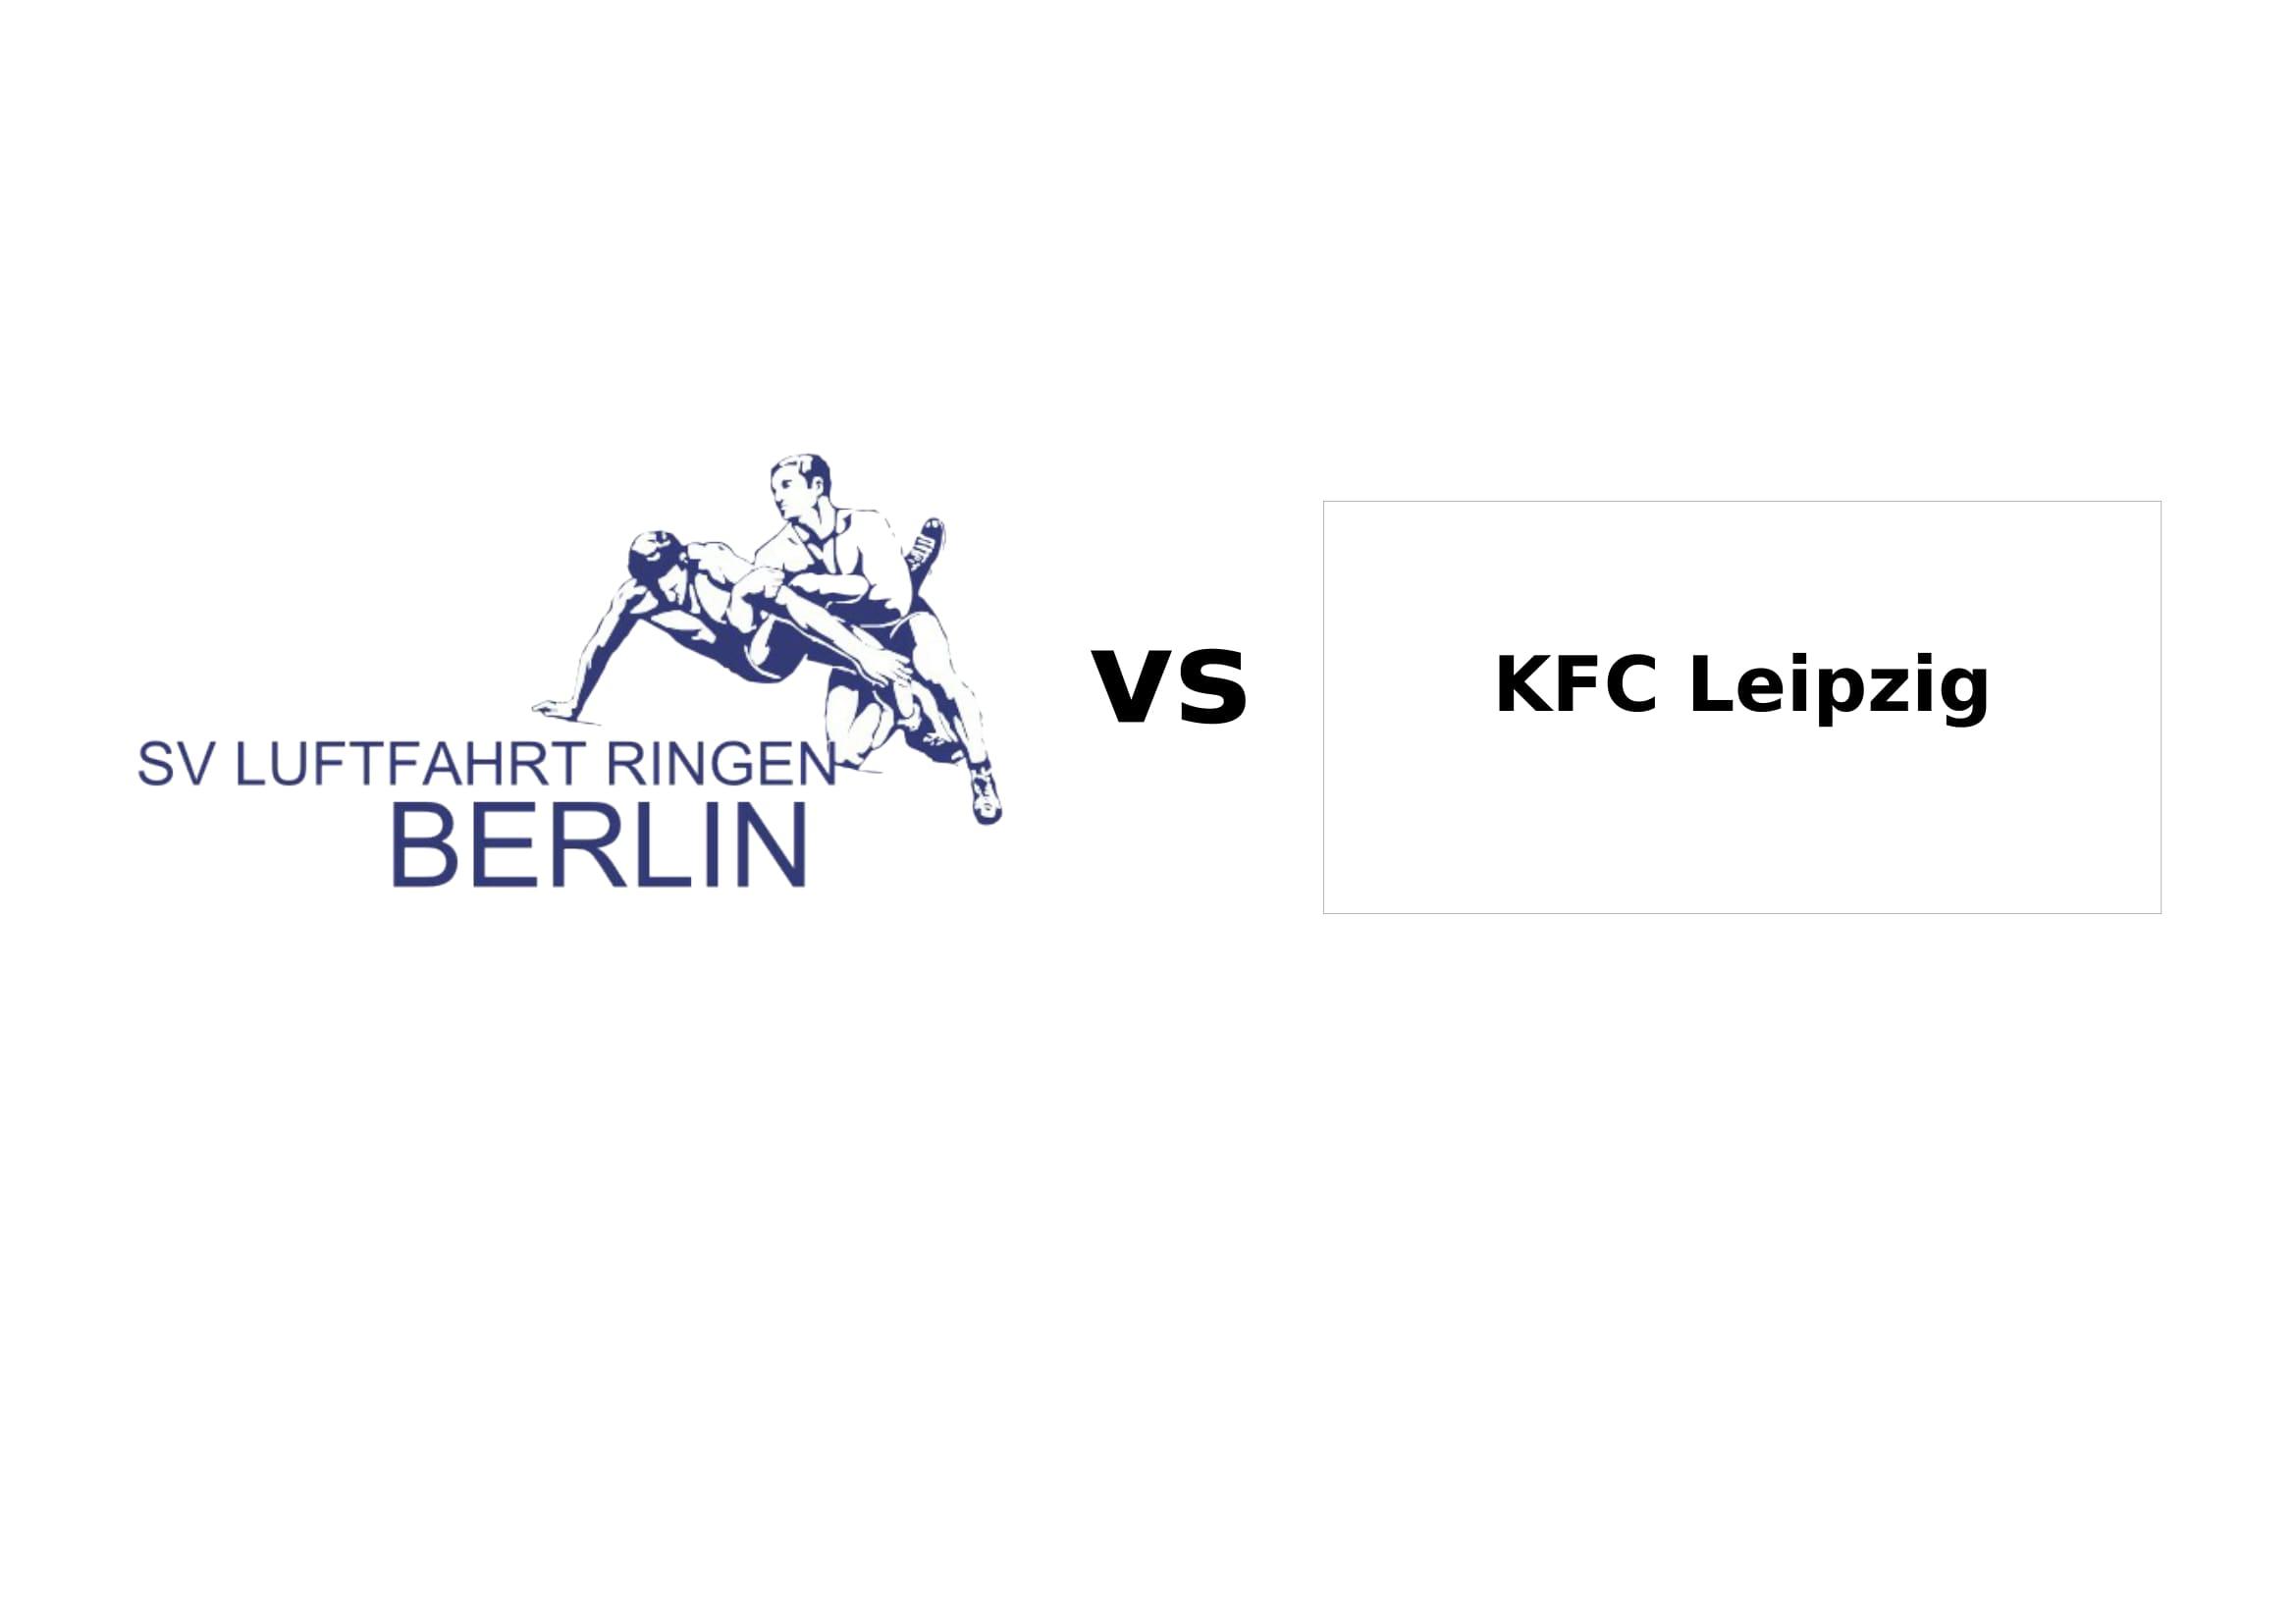 Heimkampf SV Luftfahrt Ringen e.V. vs Kampfsport- und Fitness-Club Leipzig